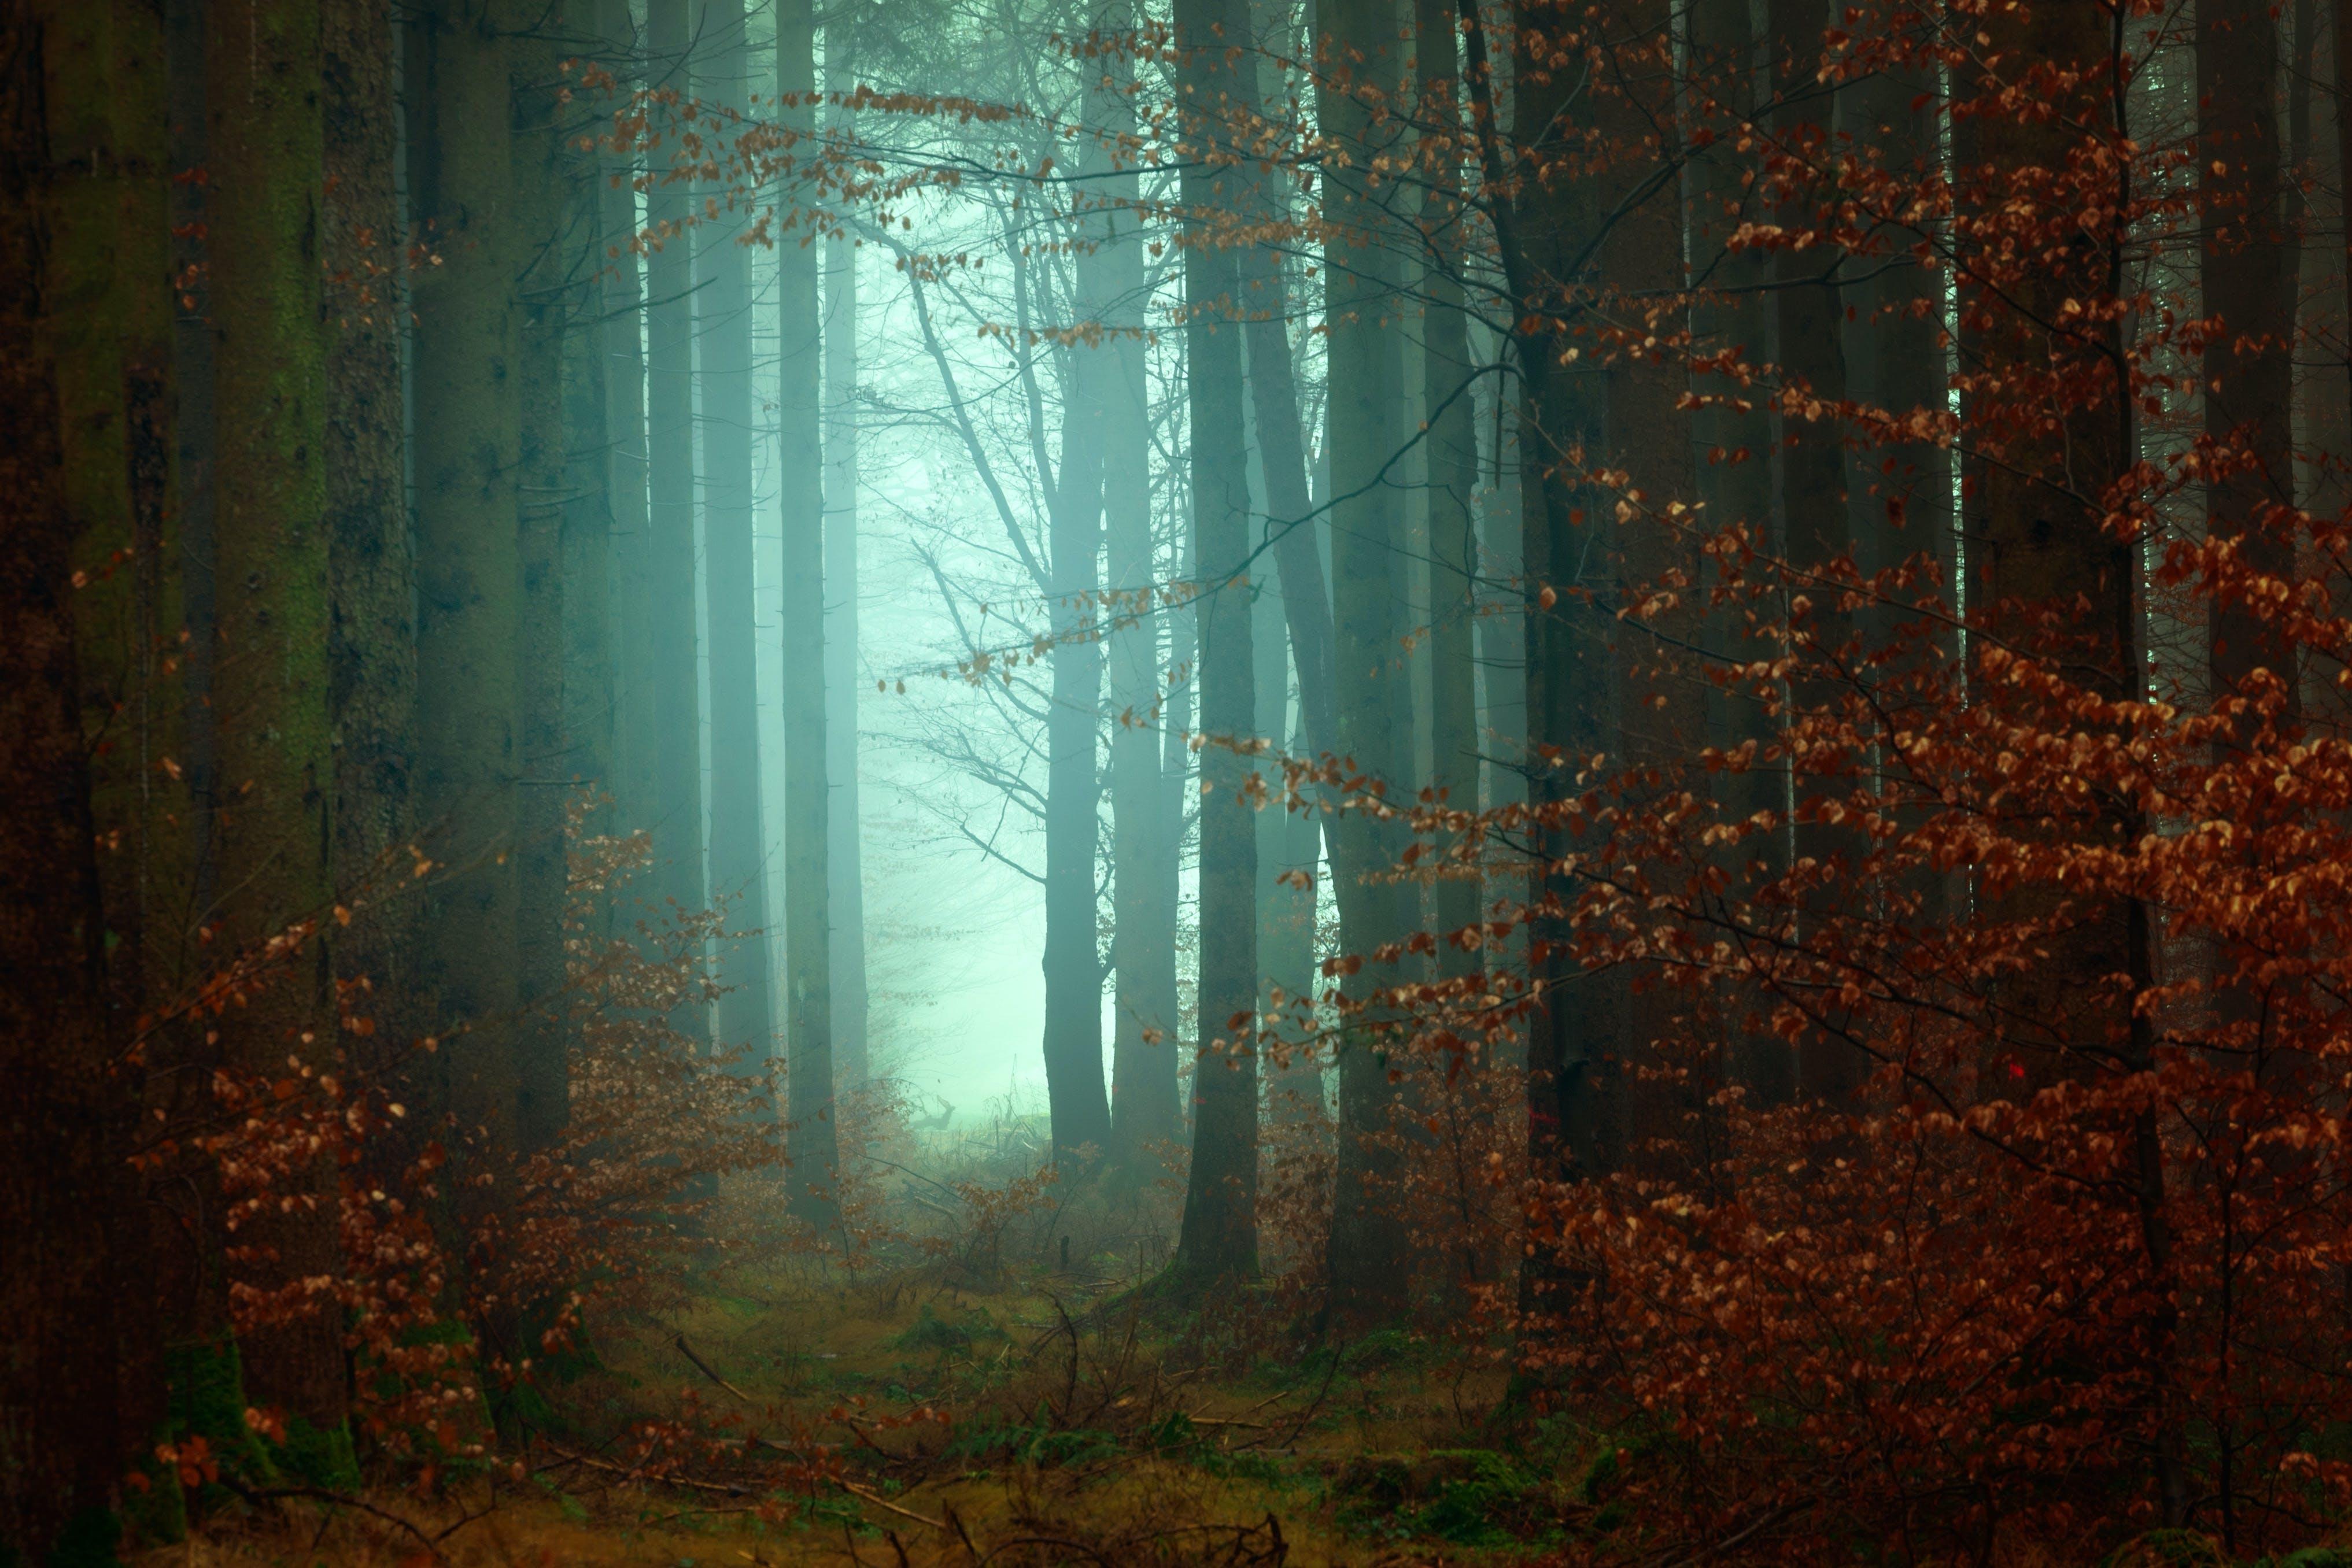 Kostenloses Stock Foto zu bäume, dunkel, farbe, geheimnis